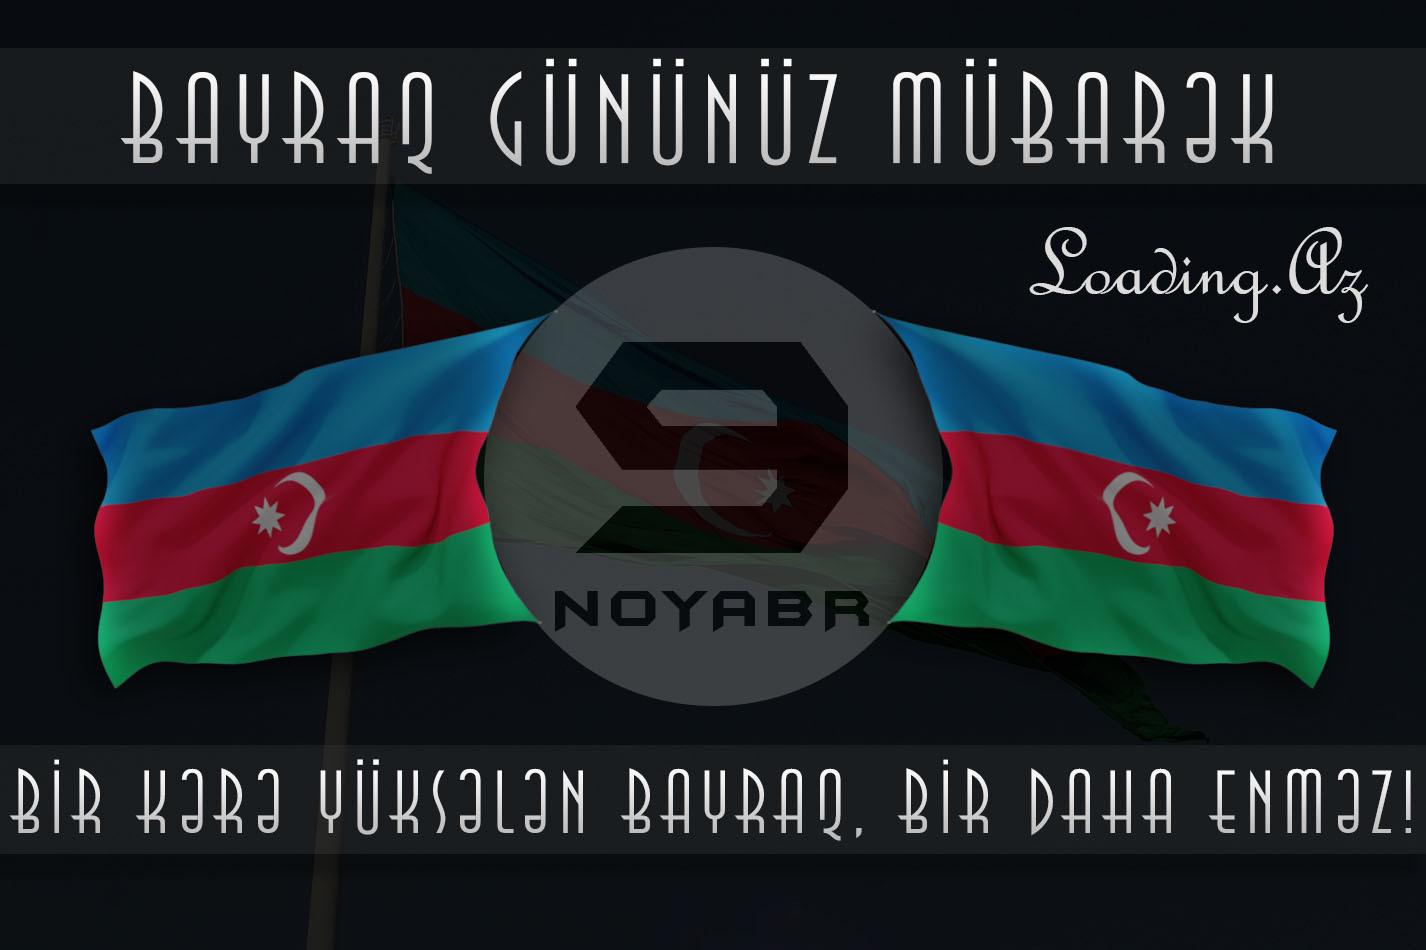 9 noyabr Azərbaycanın Bayraq günüdür!